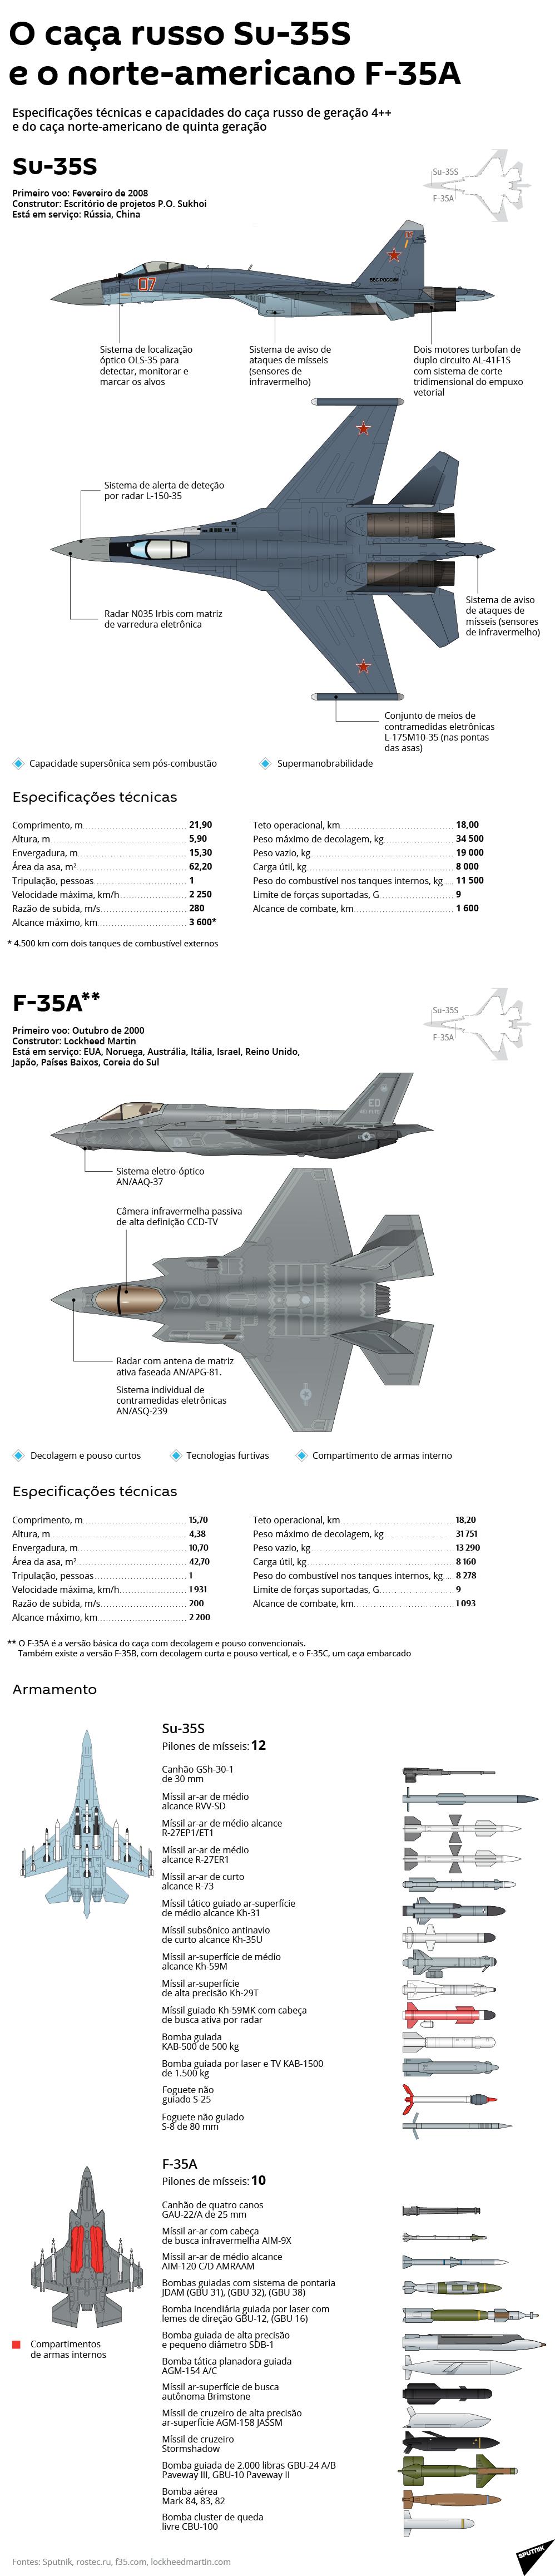 Comparação do caça russo e norte-americano